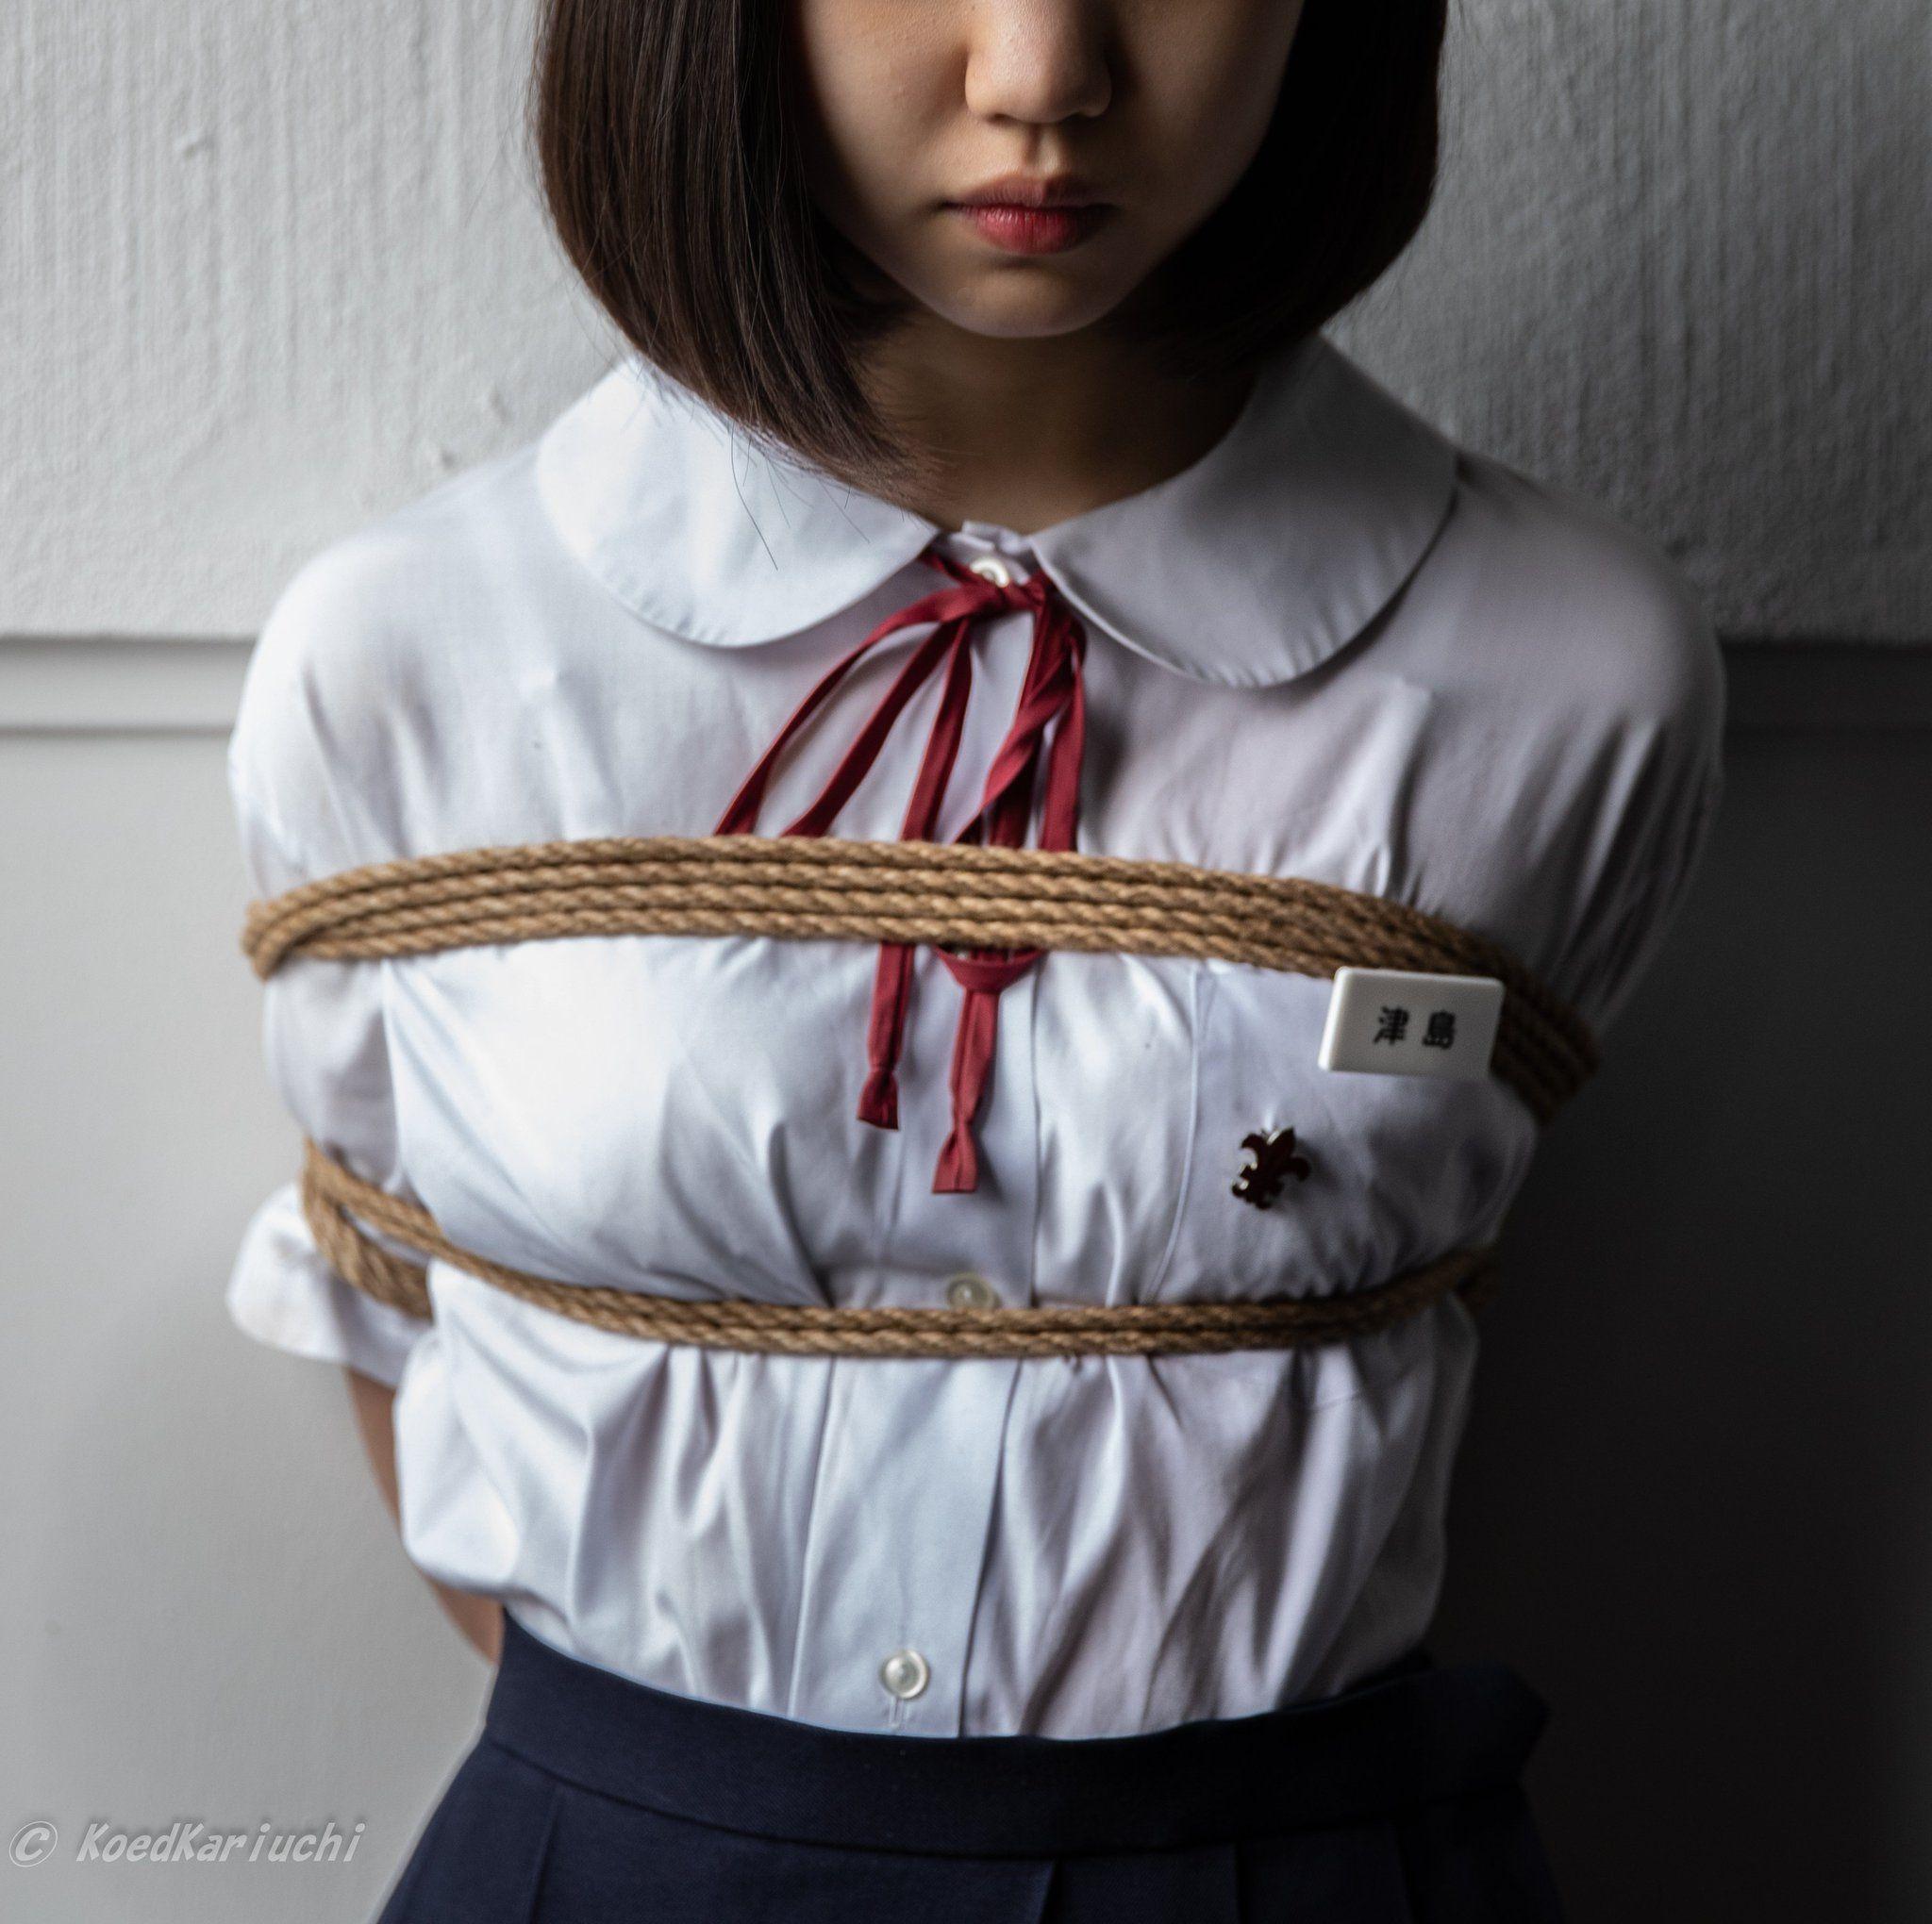 Wetblog Naomi Sergei Duo2: Koedkariuchi Girl